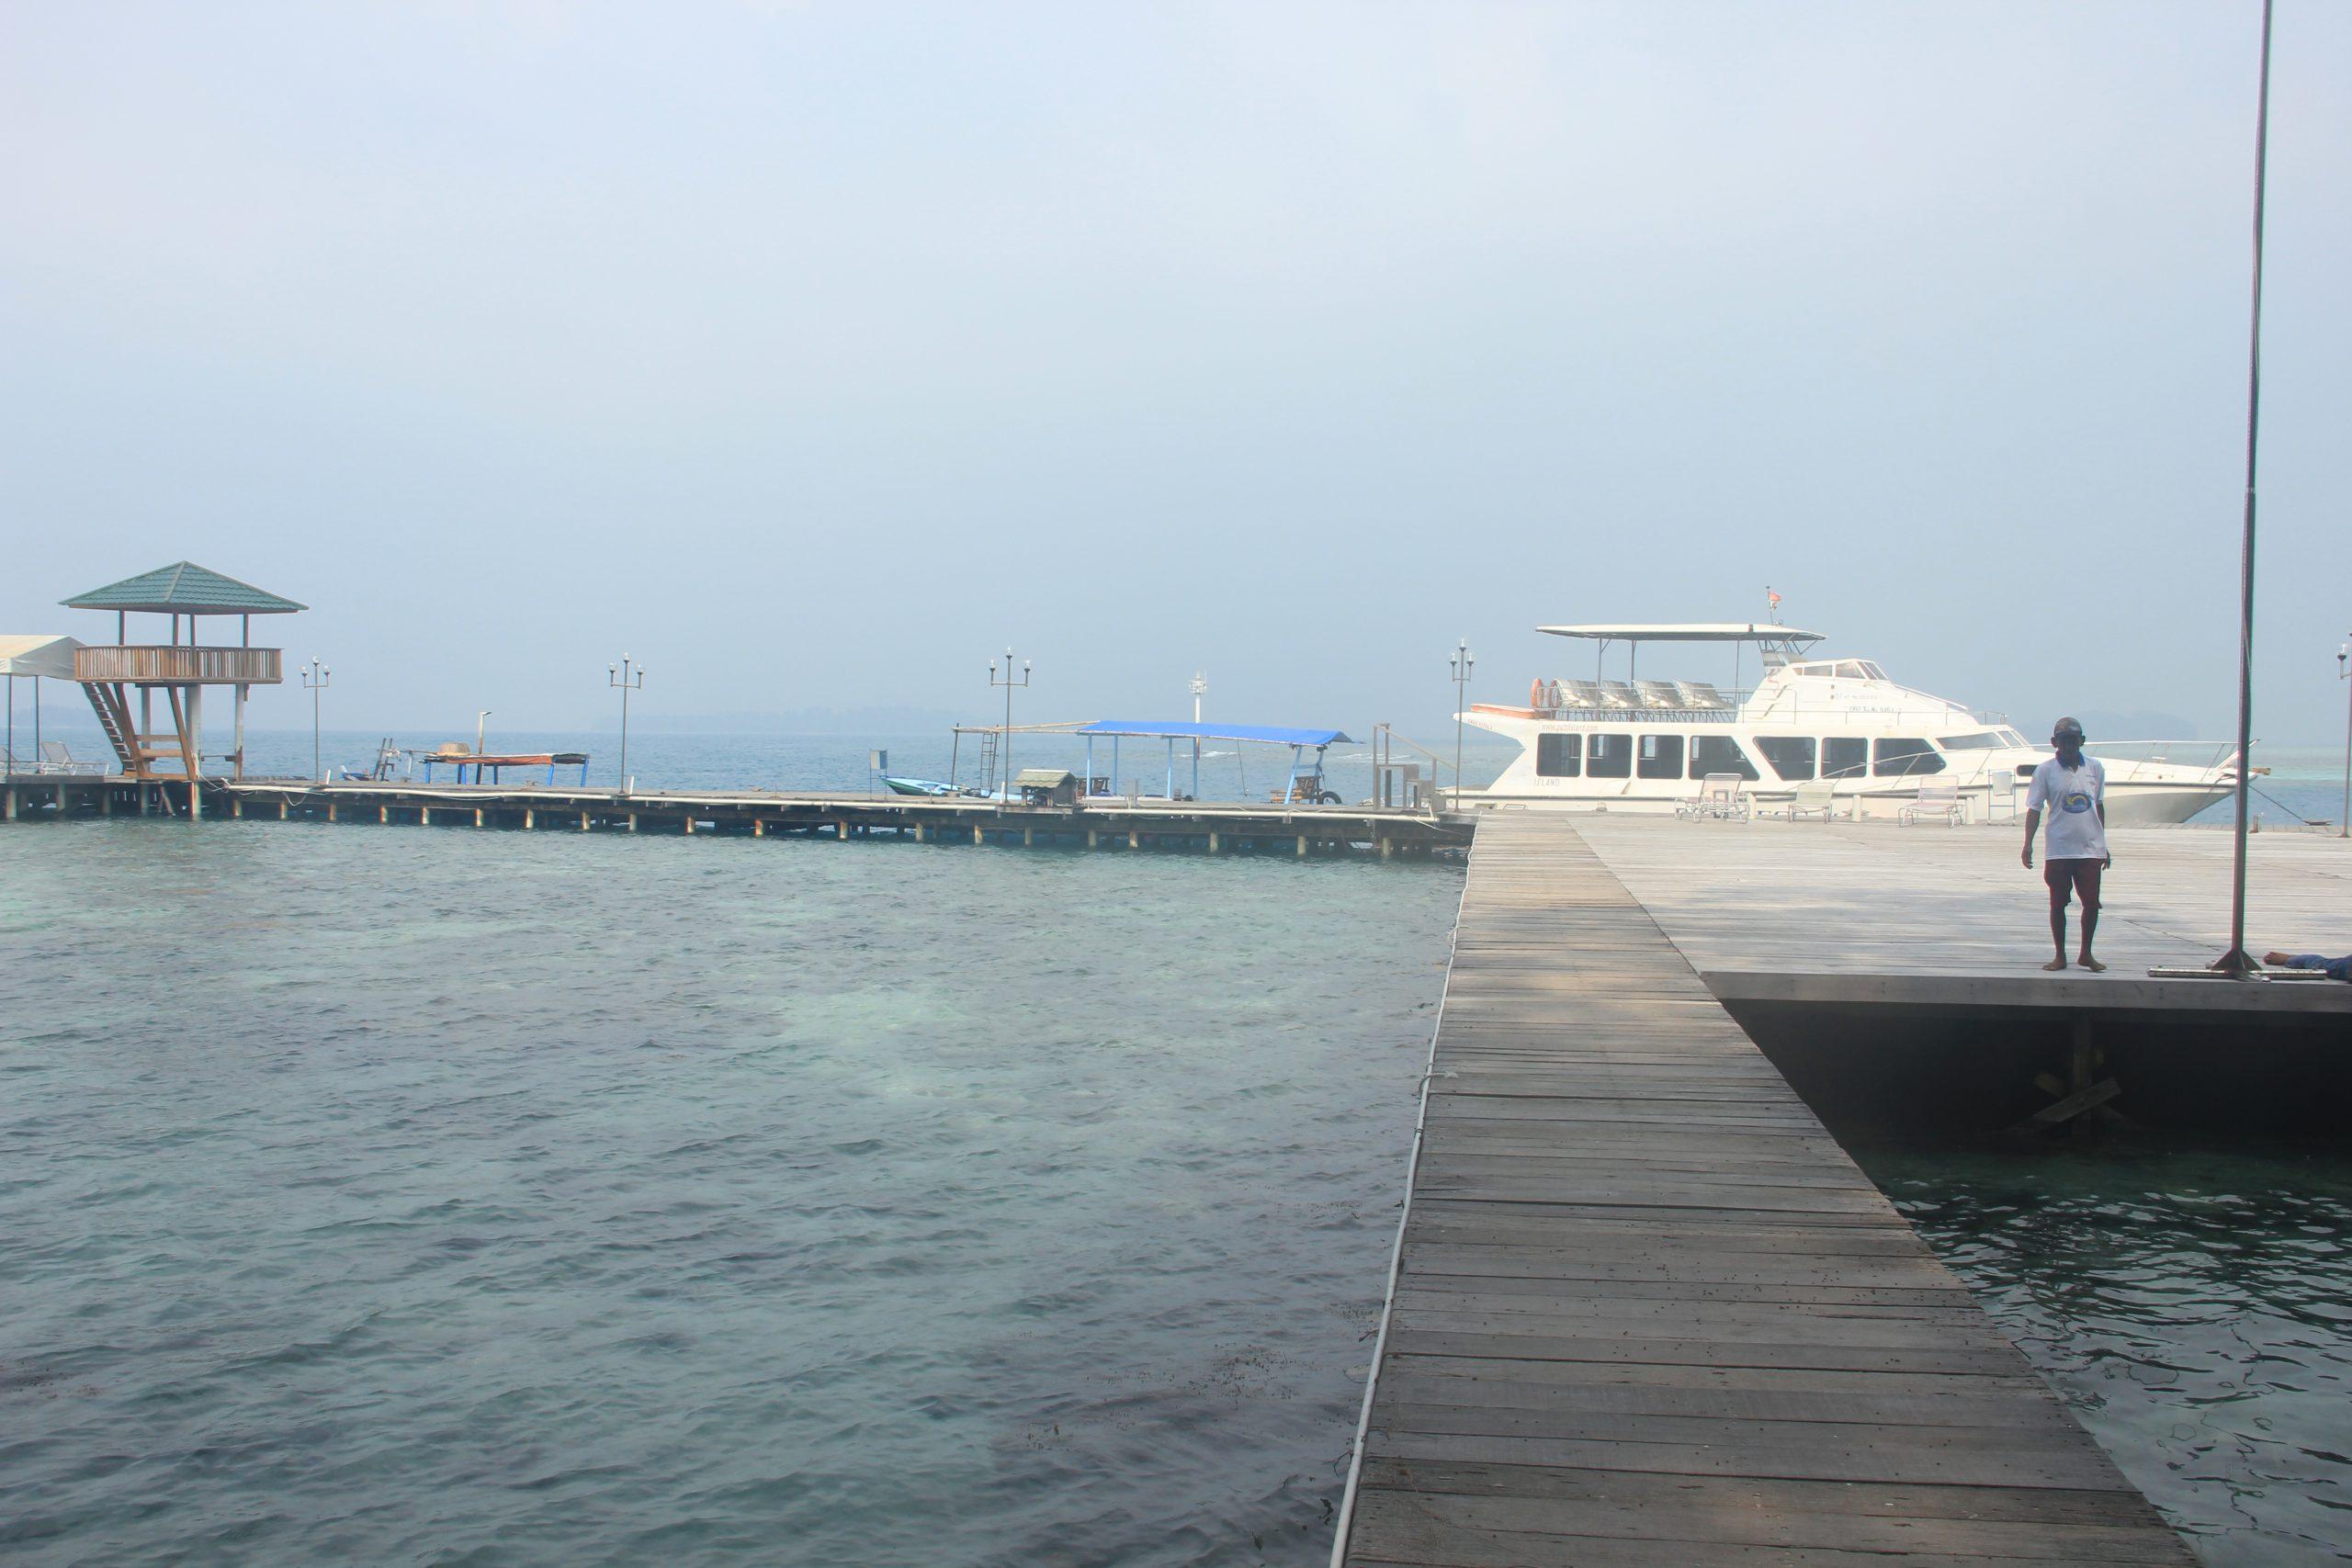 Dermaga luas yang dimiliki Pulau Putri siap menyambut pengunjung yang datang ke sini